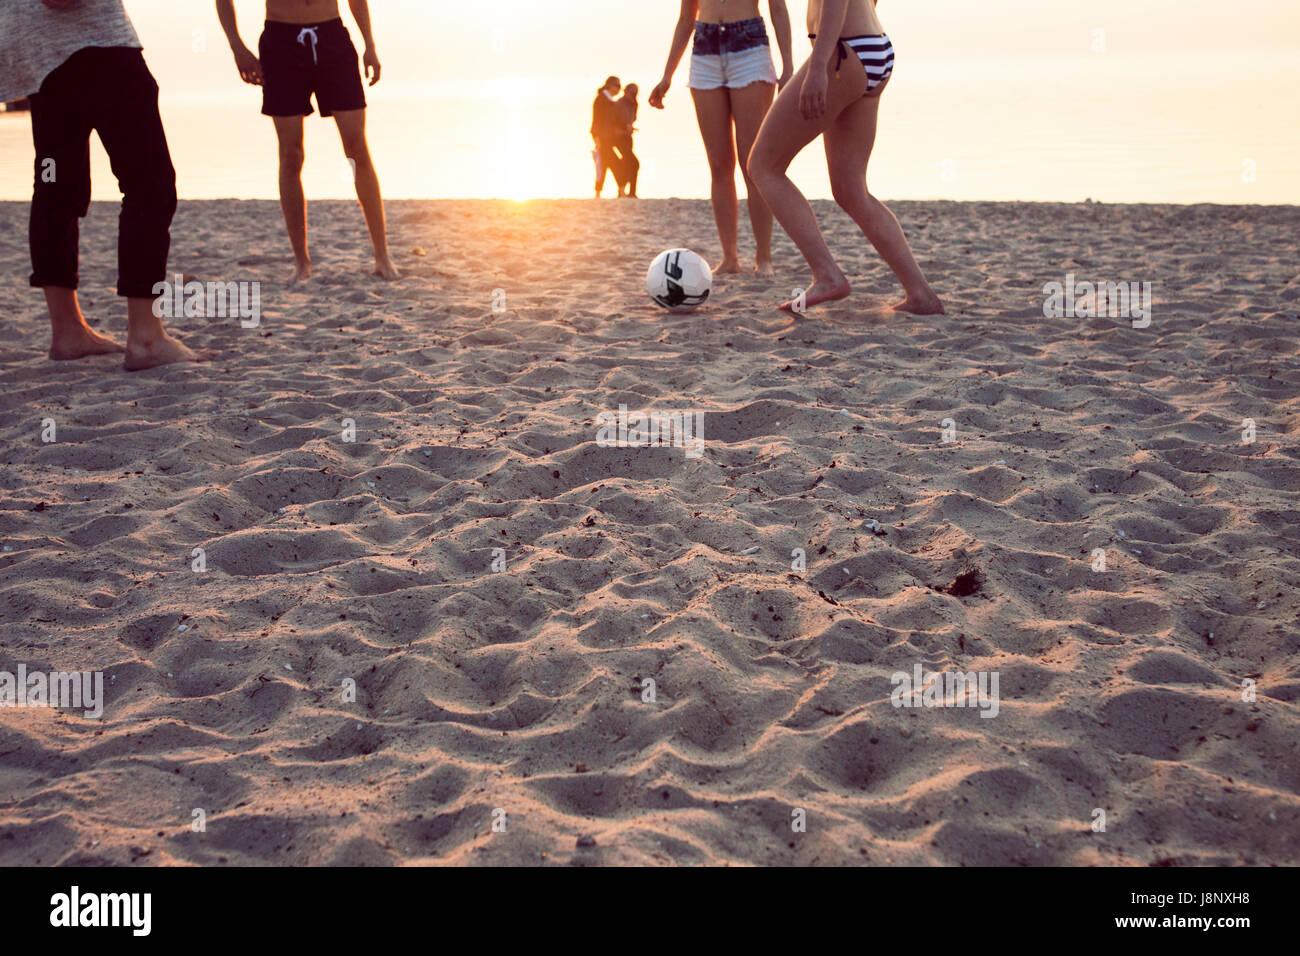 Junge Männer, junge Frau und Teenager-Mädchen (16-17) Fußball spielen auf Sand bei Sonnenuntergang Stockfoto